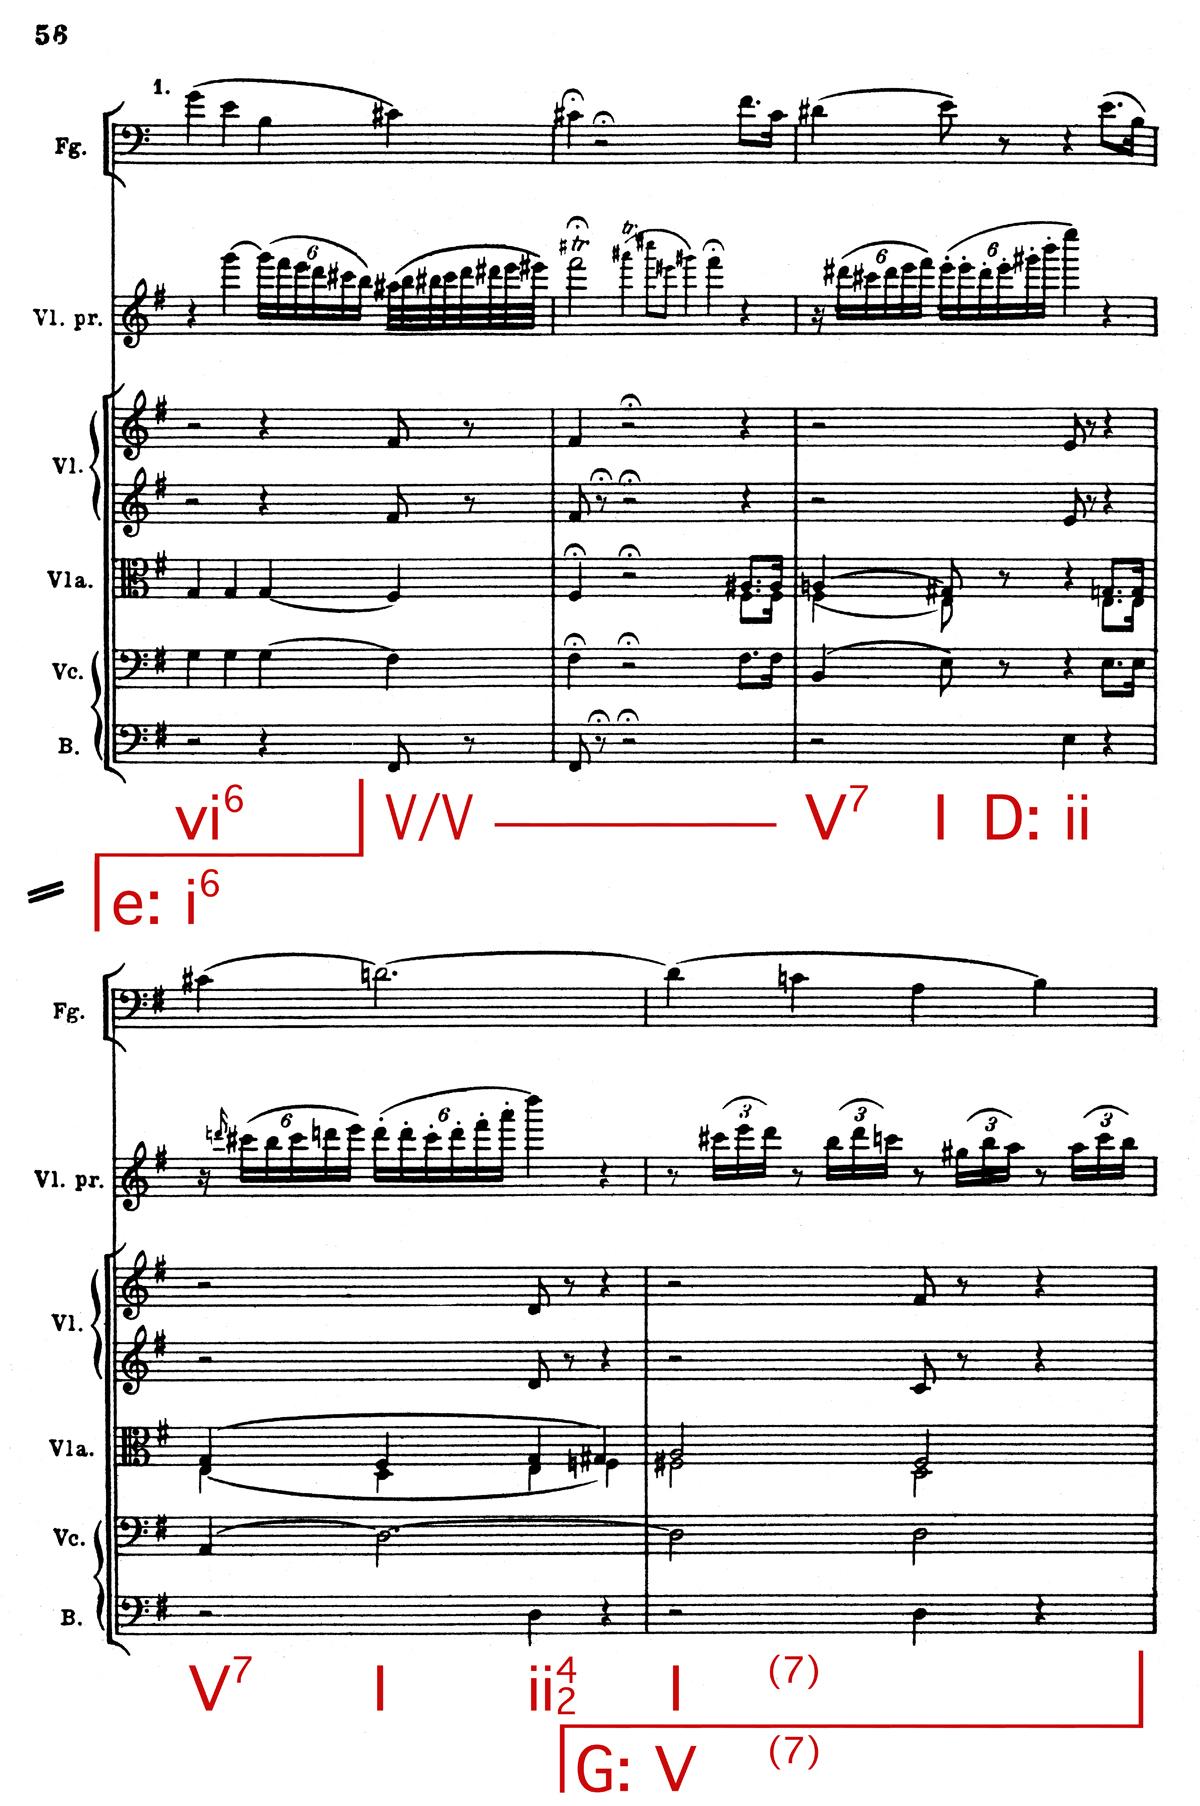 Beethoven_Violin_Theory_2.jpg